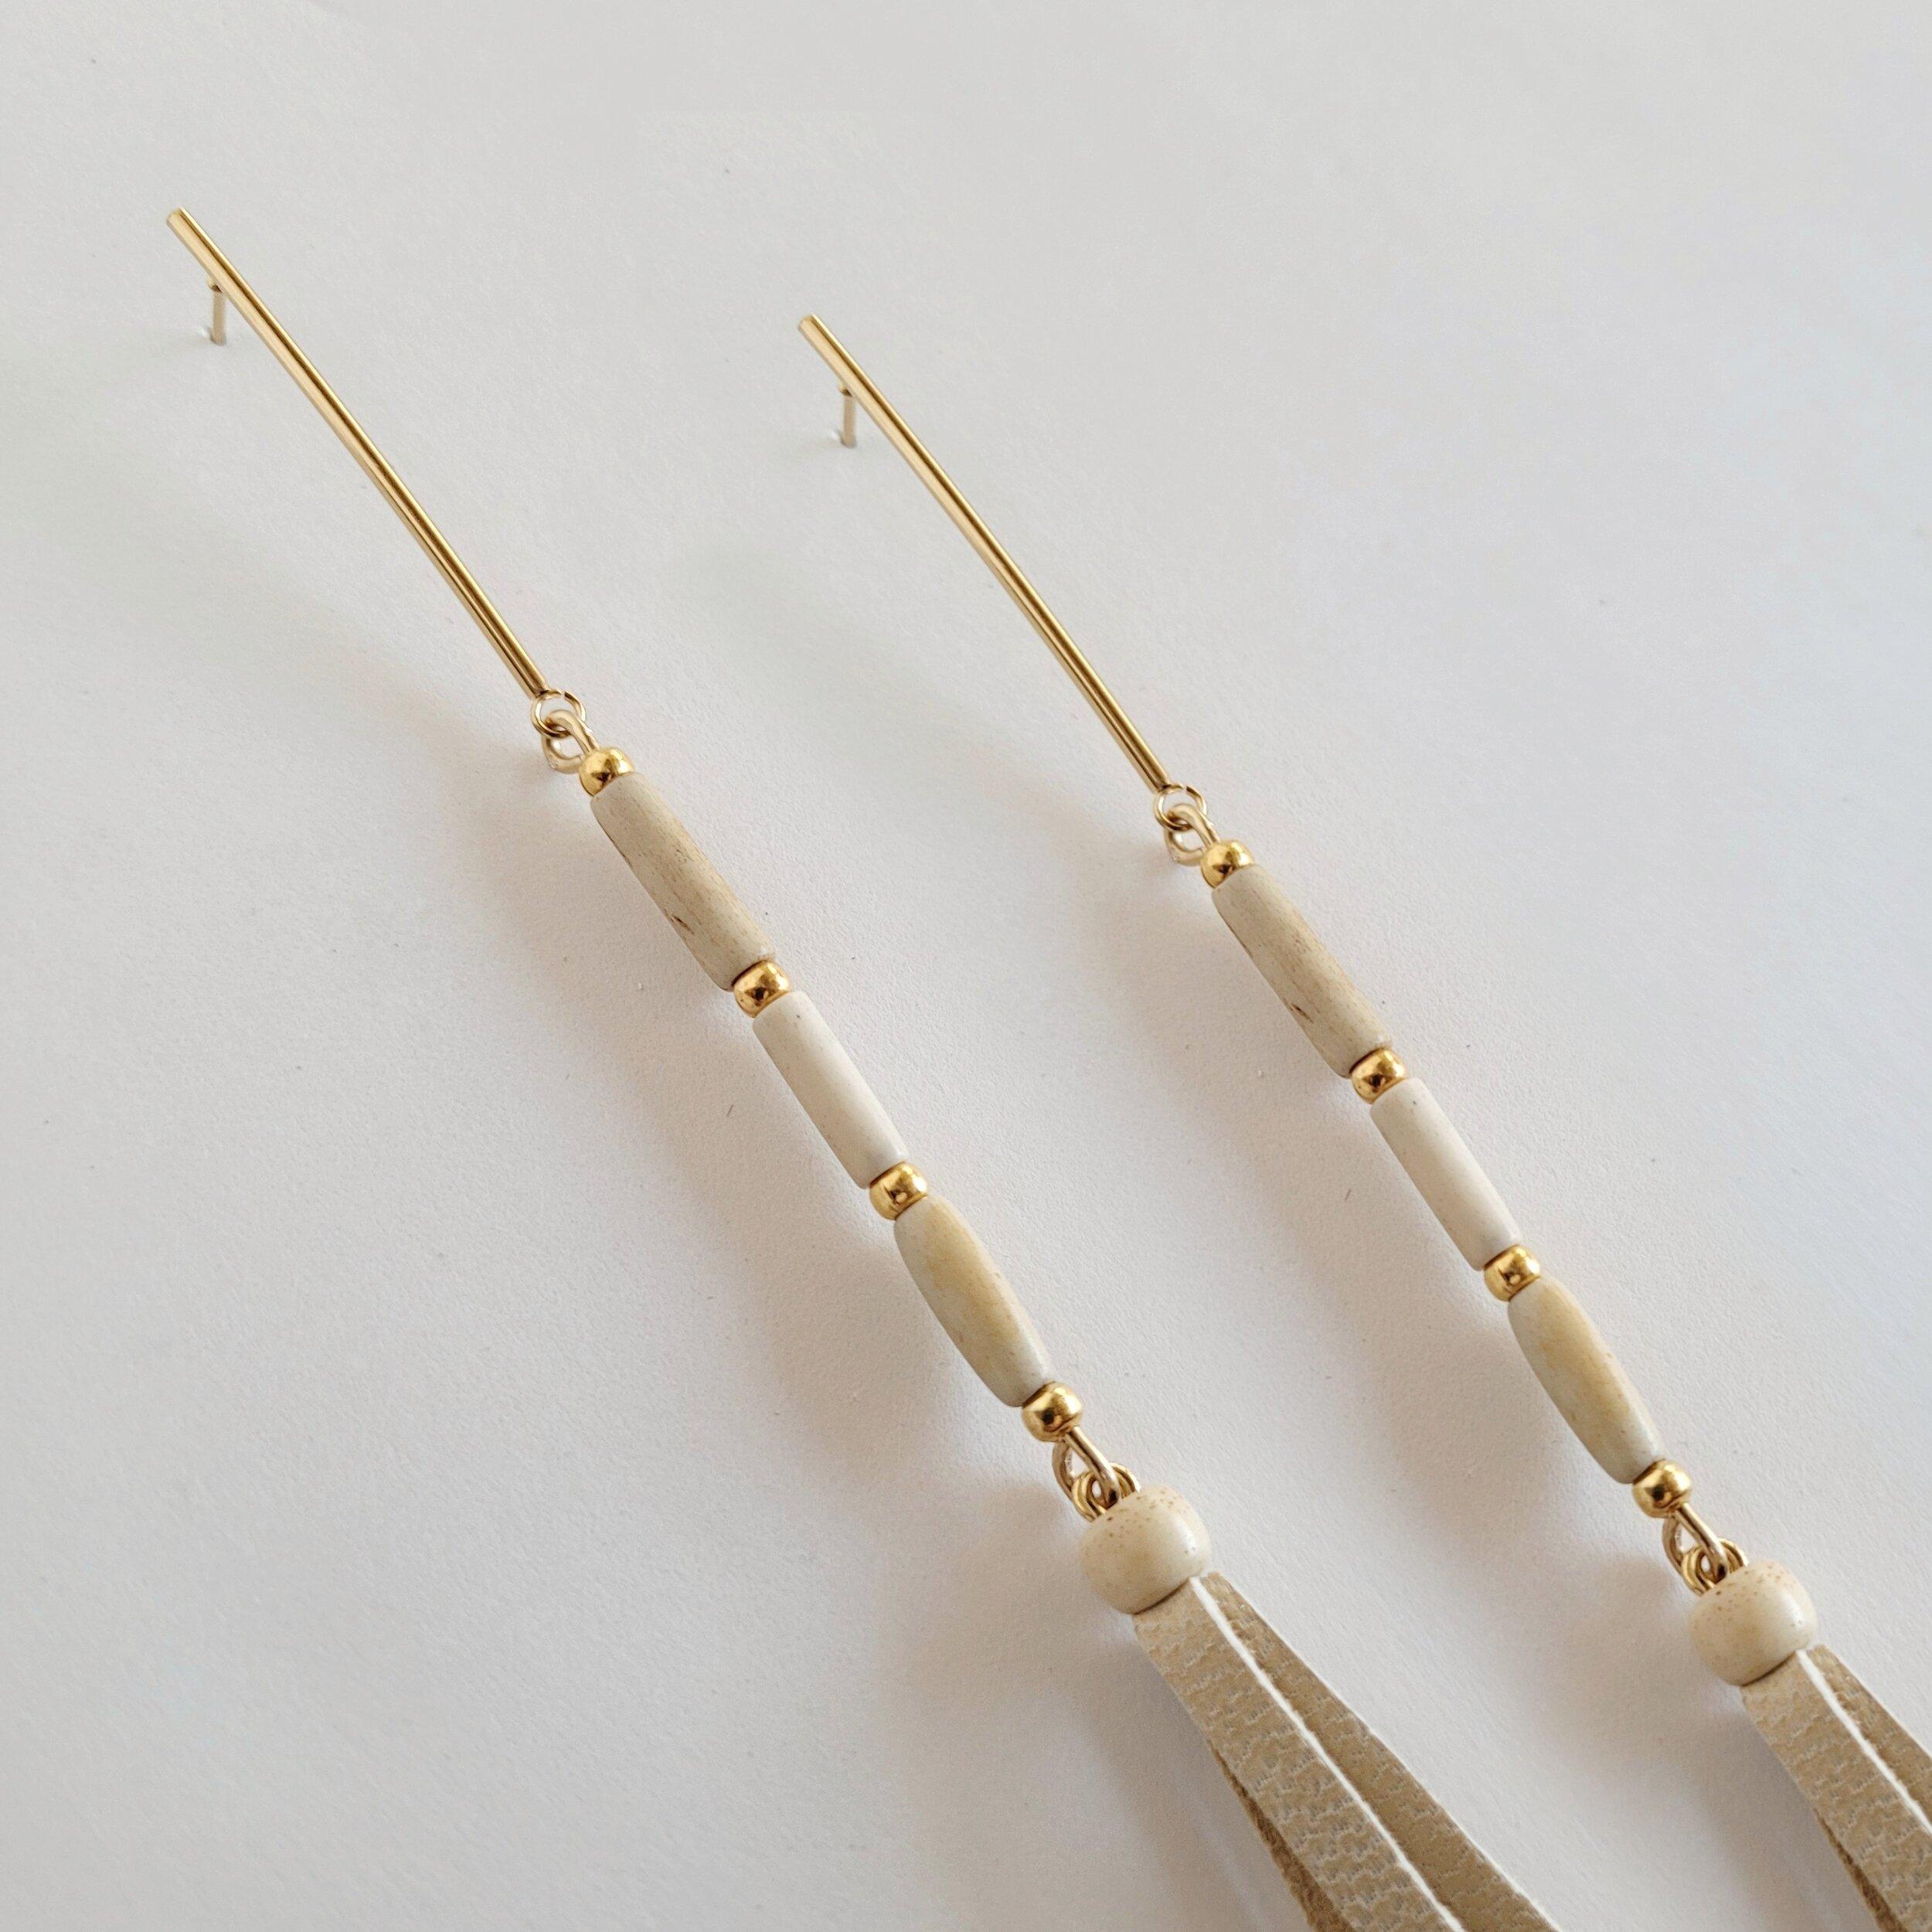 Long leather tassel trail earrings